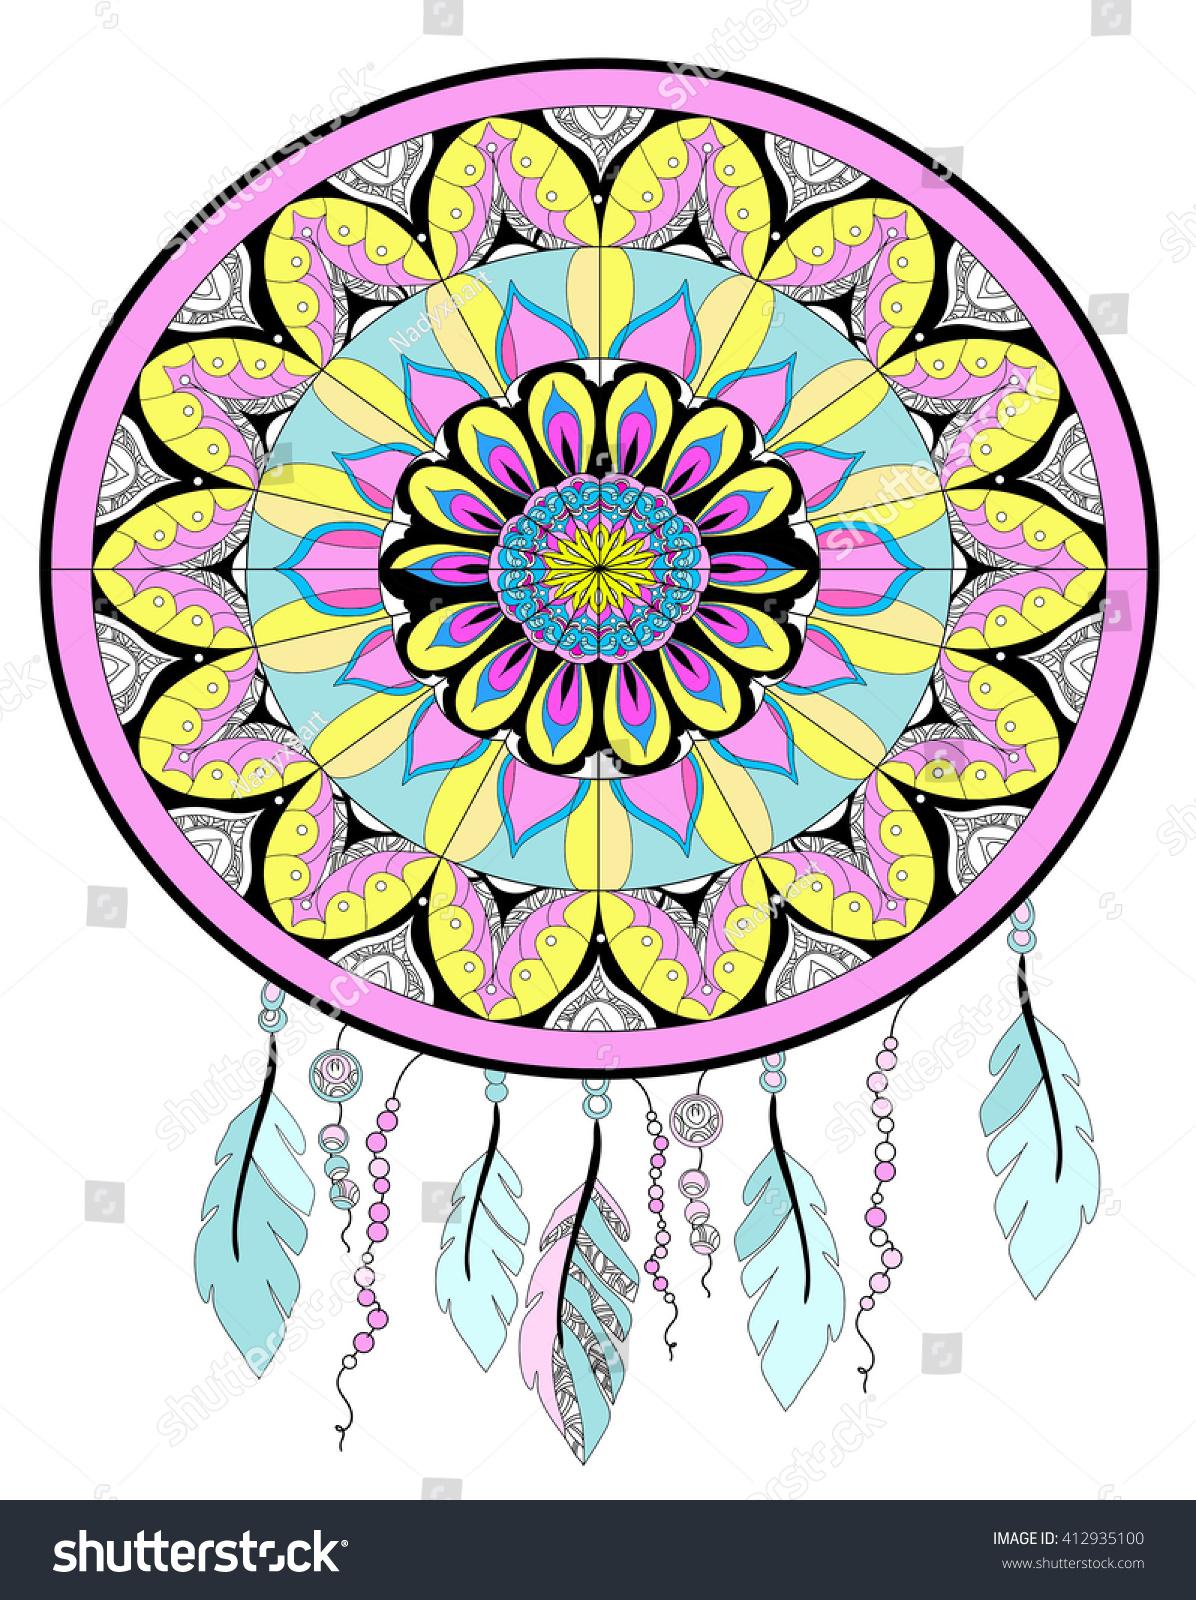 Color art dreamcatcher - Dream Catcher Drawing Color Graphics